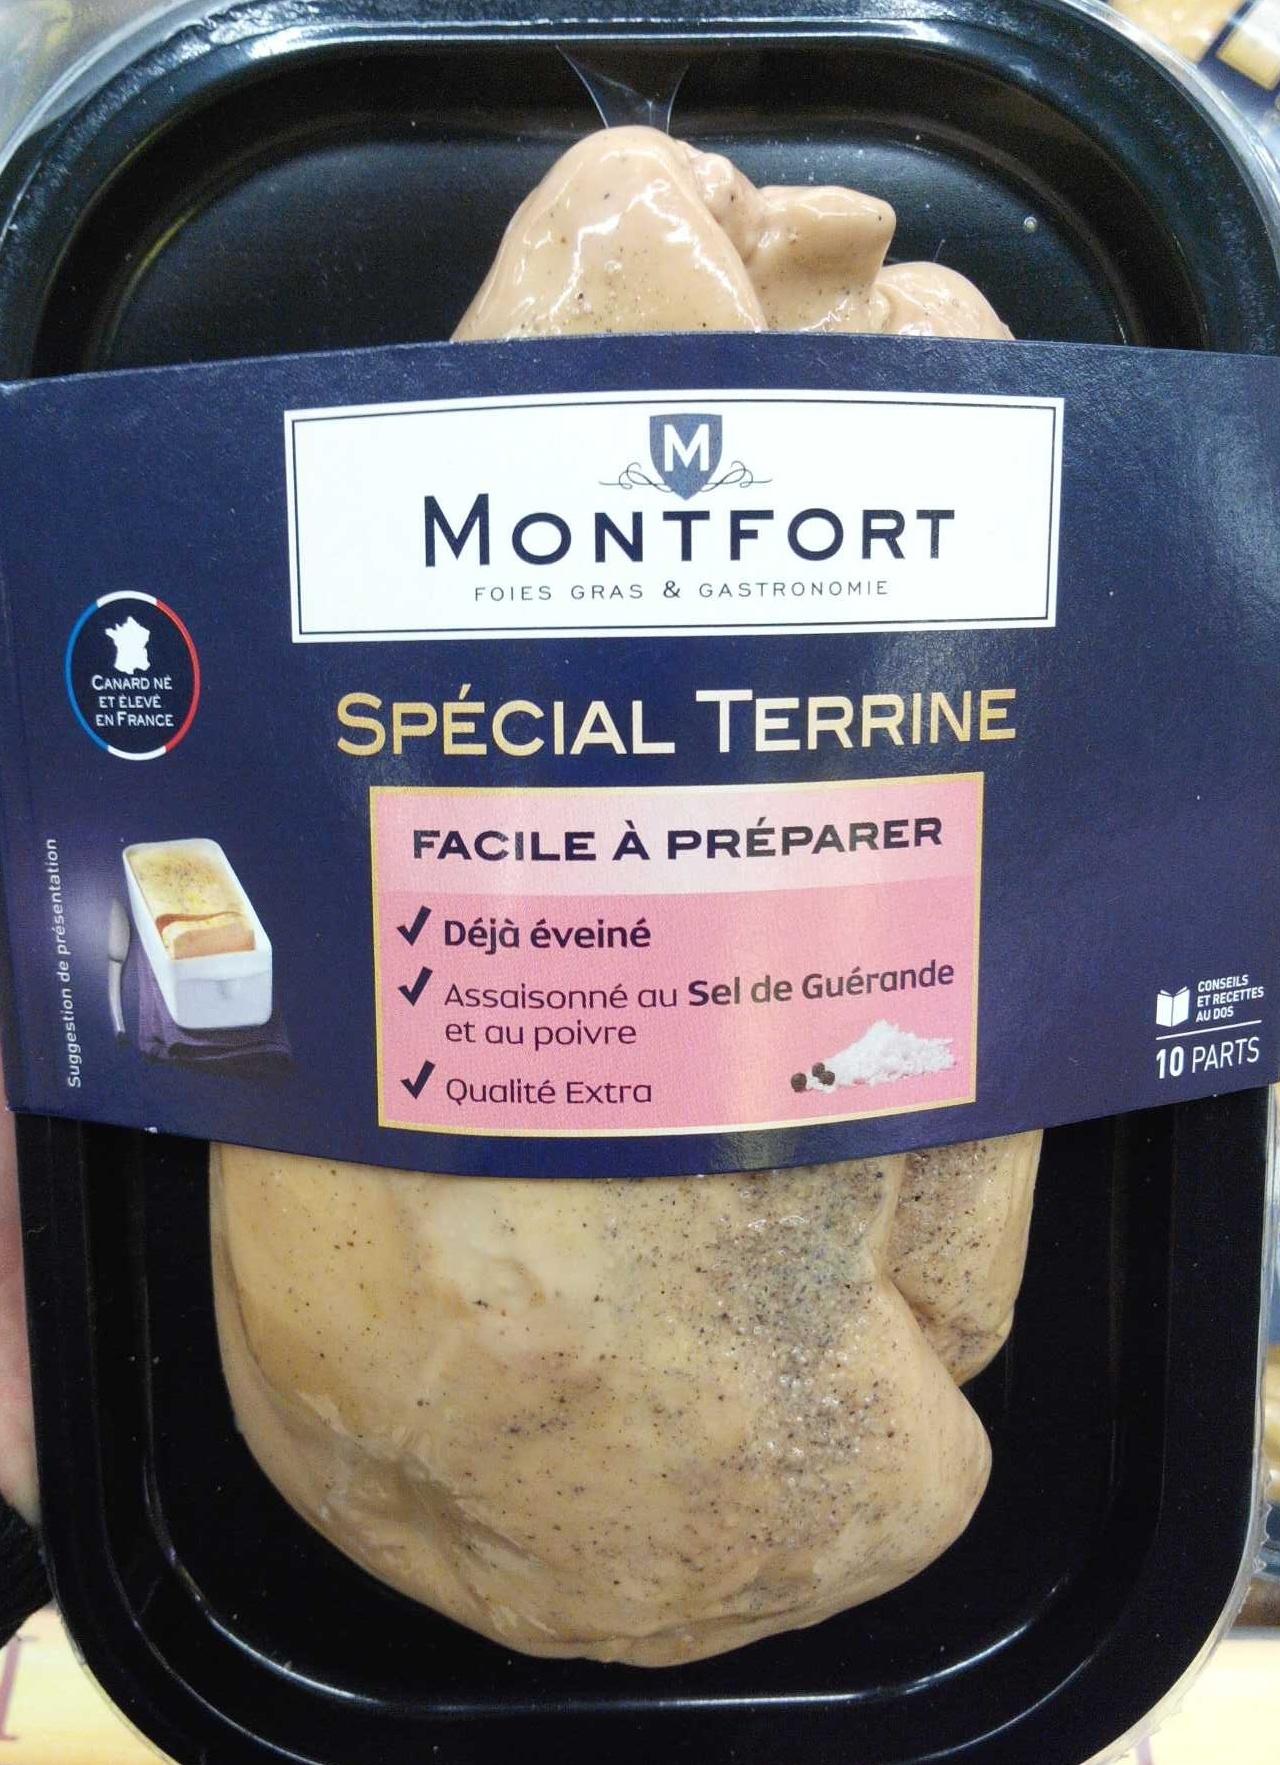 Foie gras spécial terrine facile à préparer - Product - fr